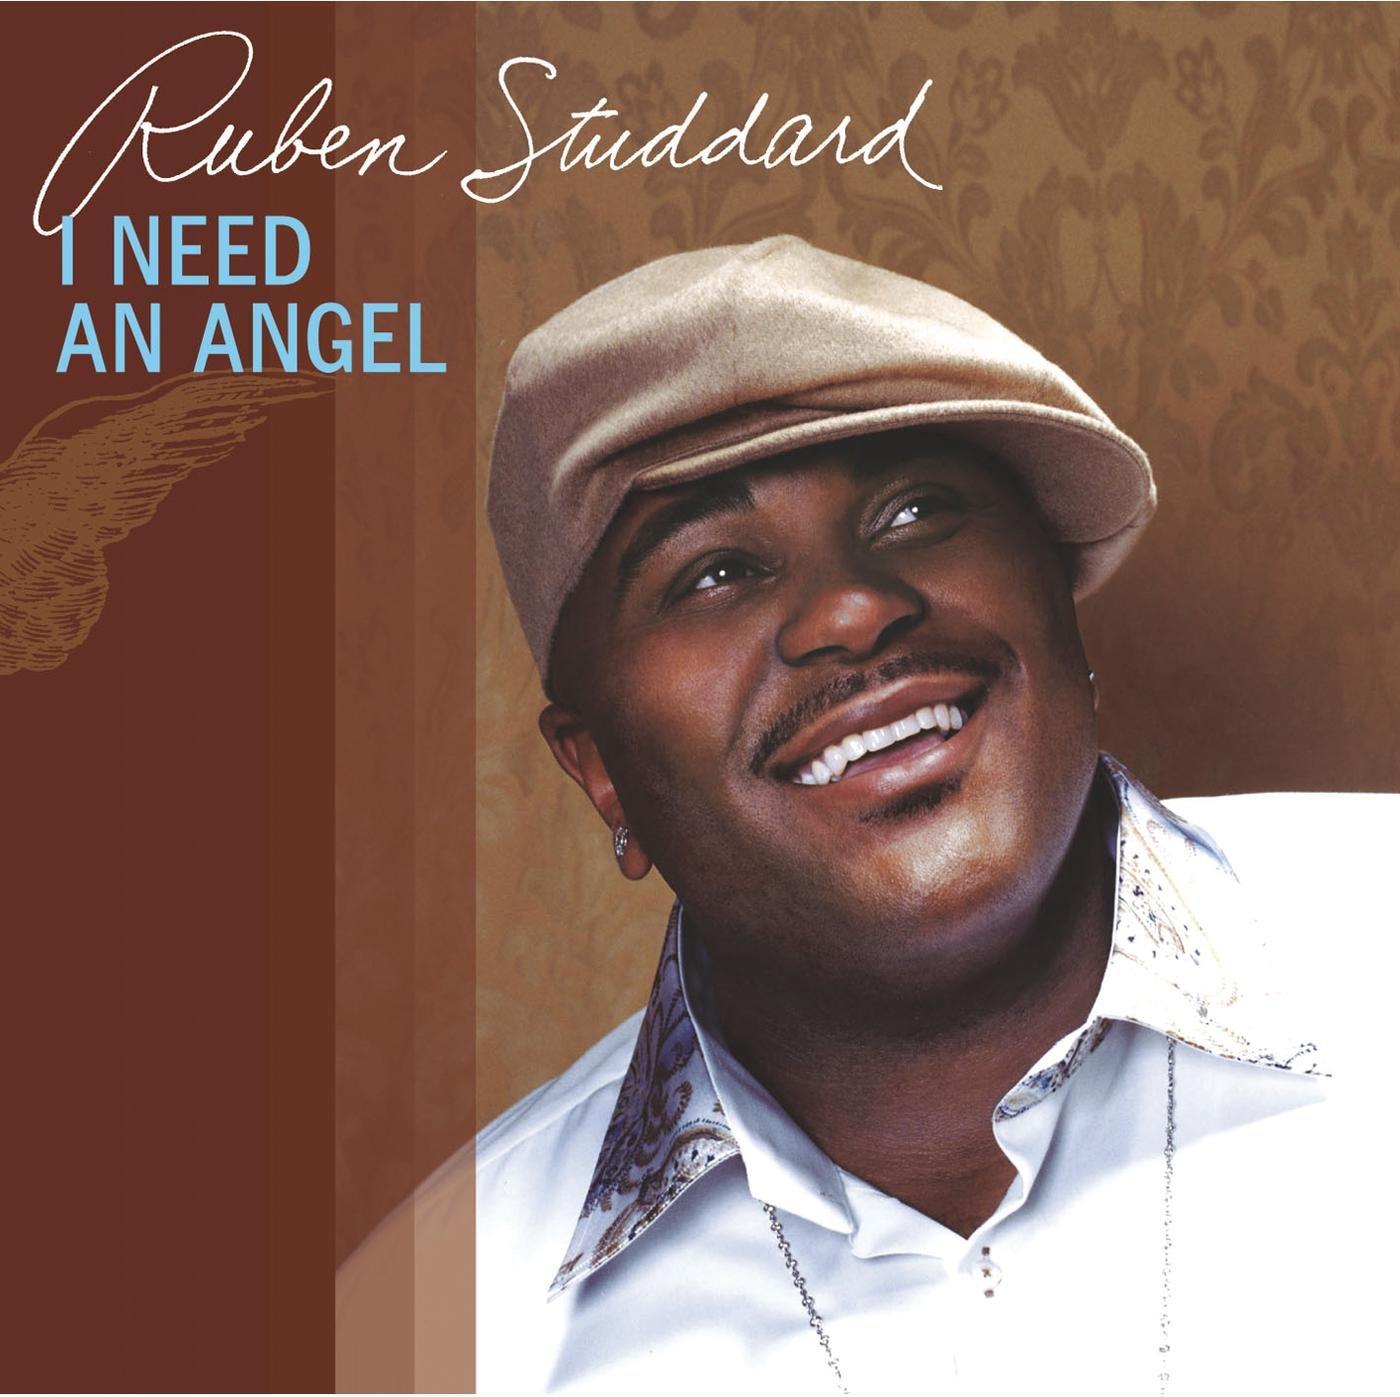 Ruben Studdard - I Need An Angel (2004) [FLAC] Download